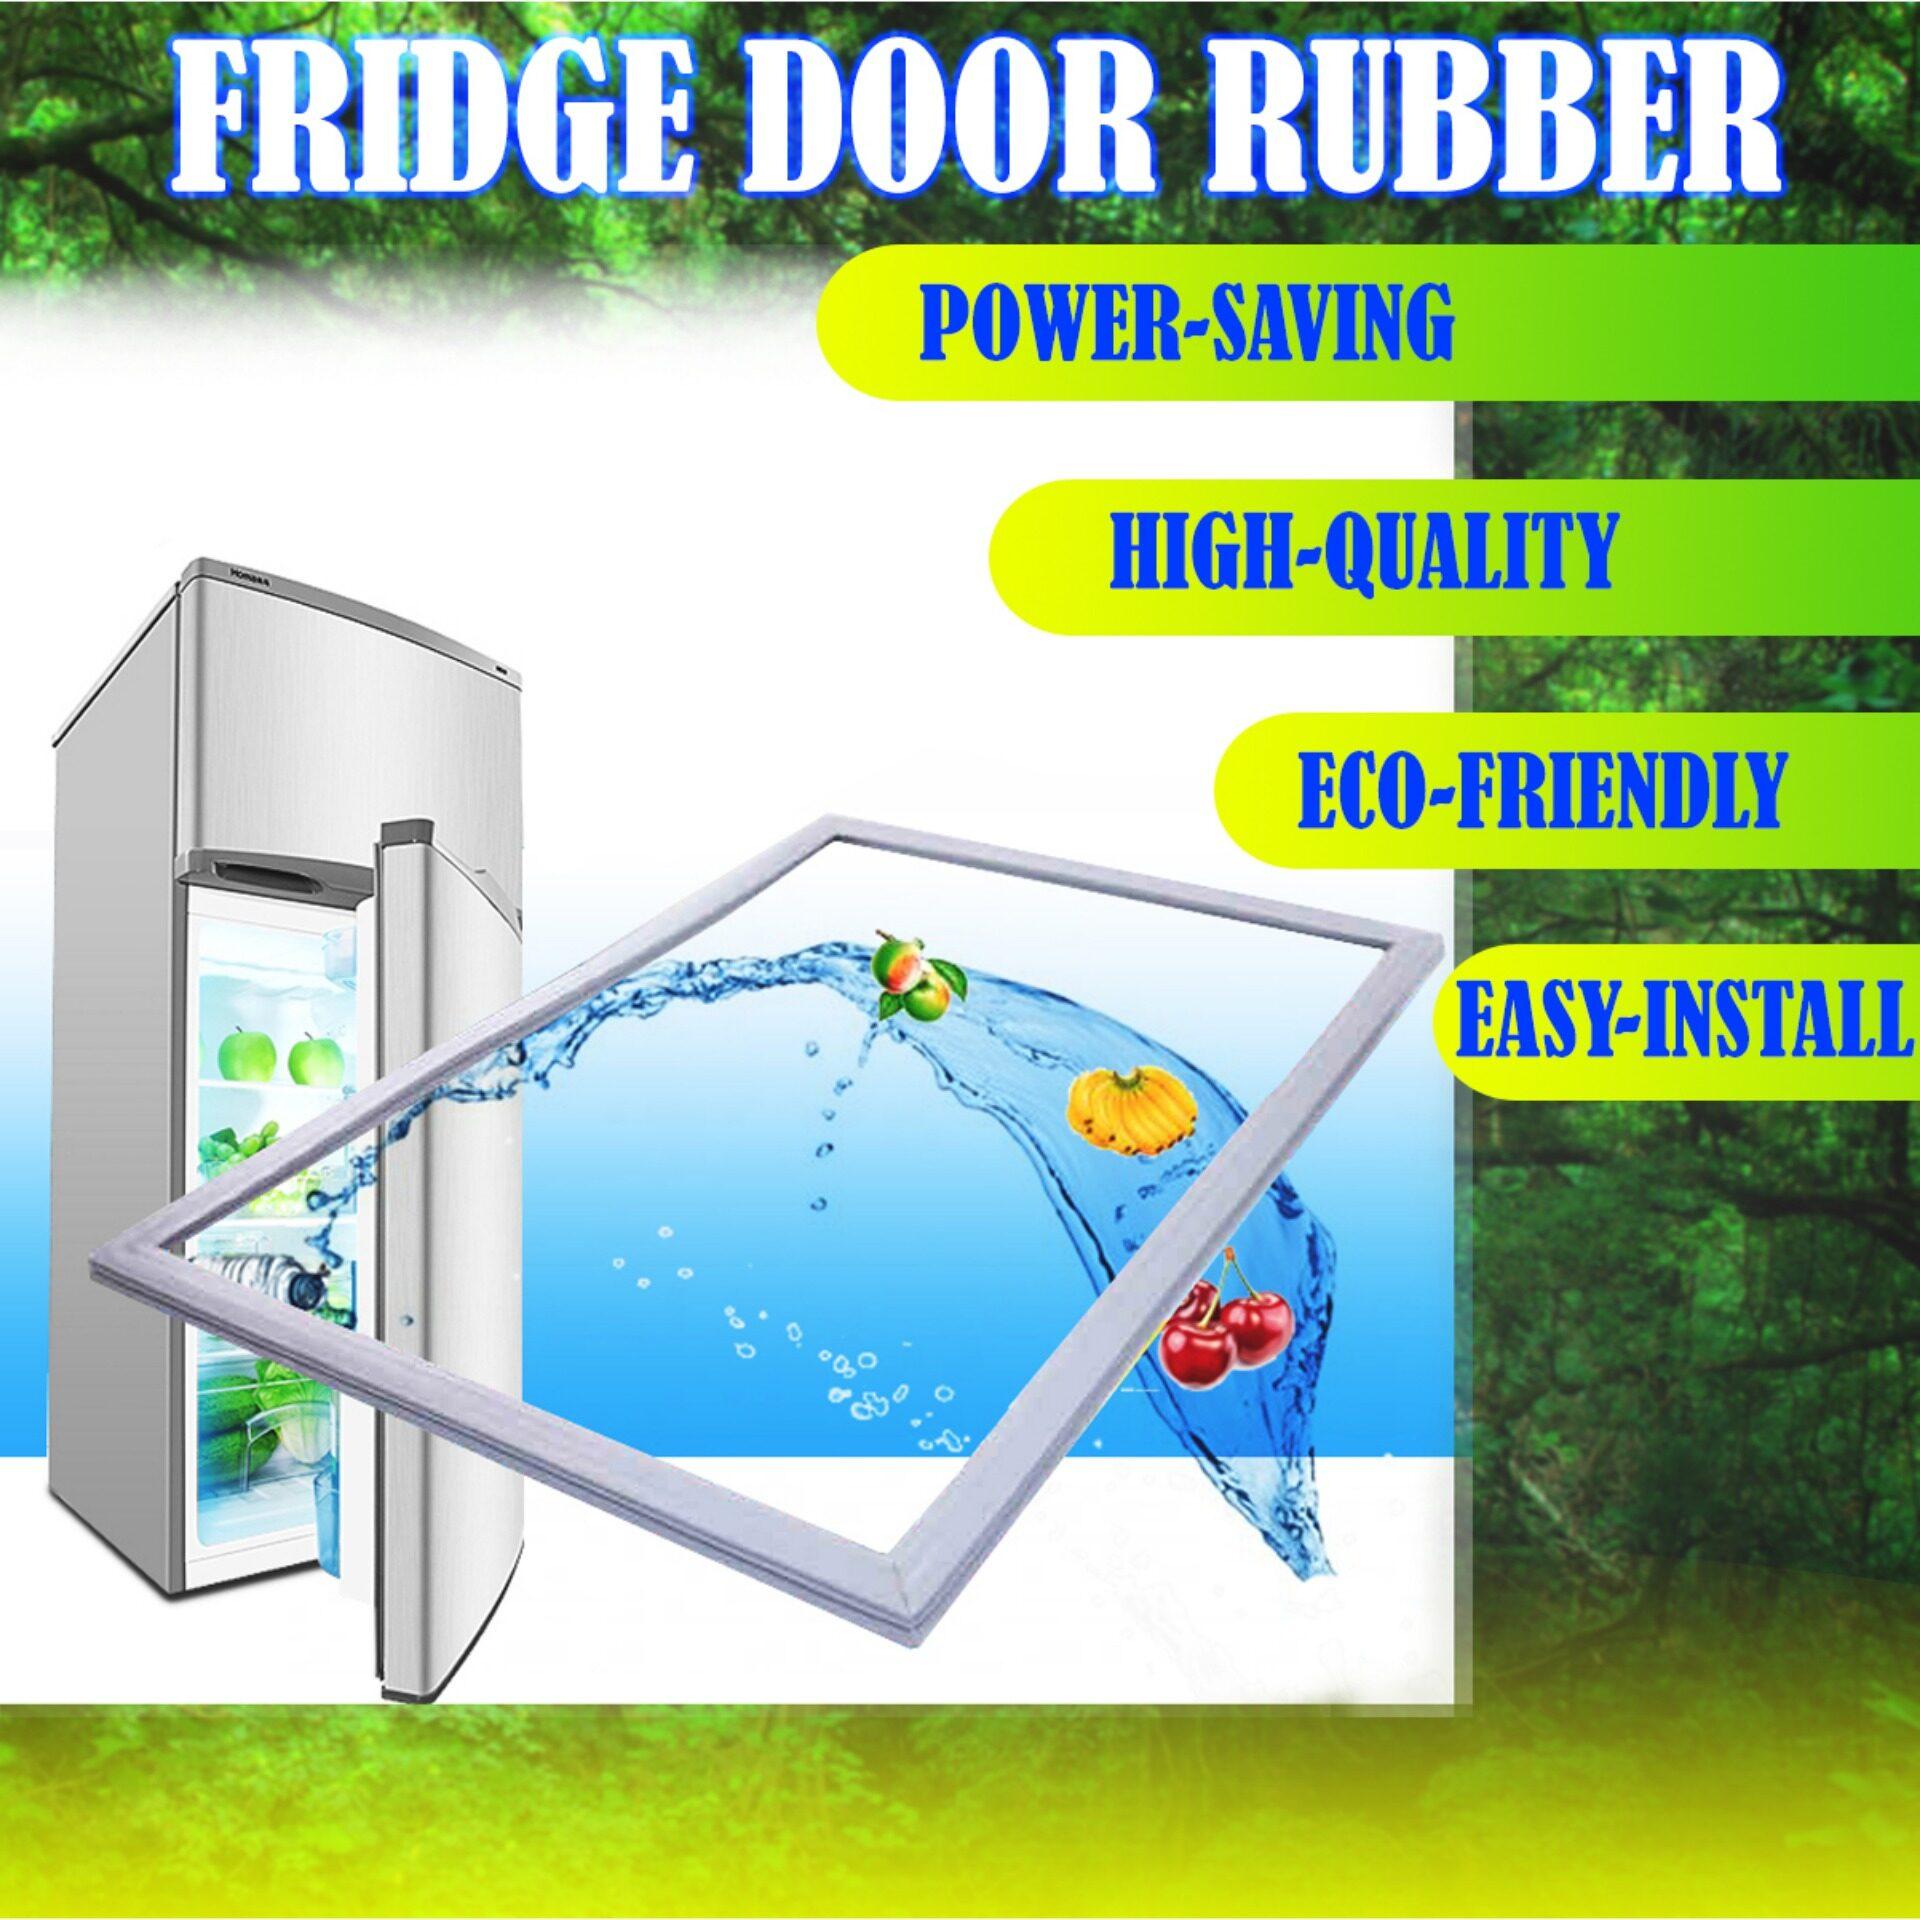 [PRE ORDER] ETM5107PD-RMY ELECTROLUX FRIDGE DOOR RUBBER